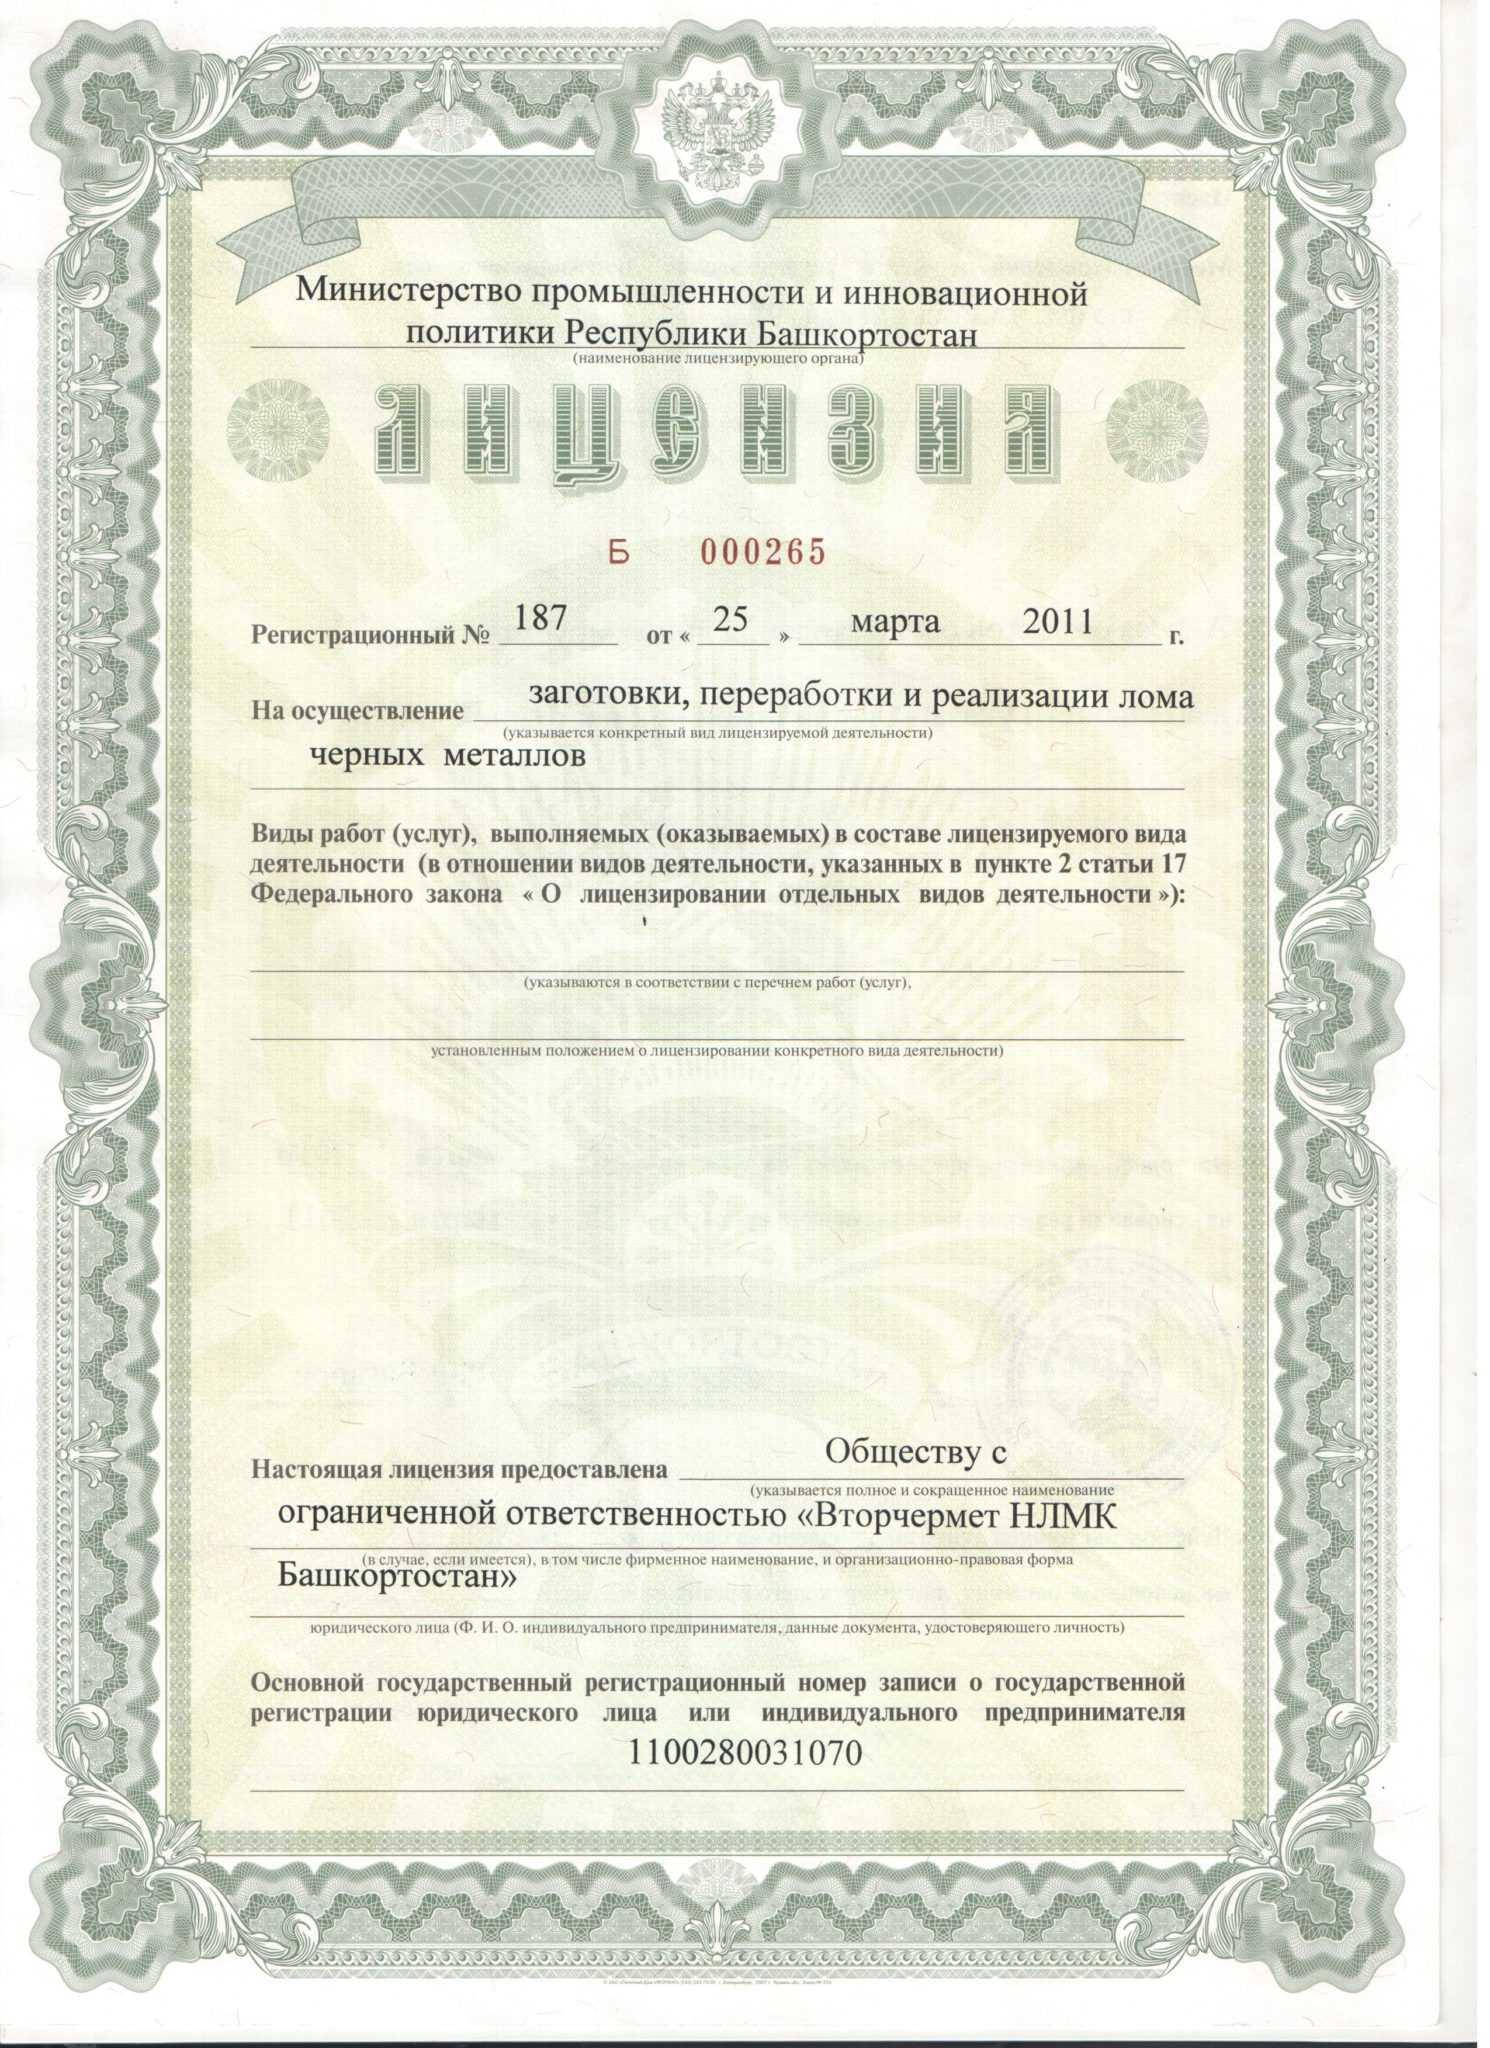 лицензия на металлолом образец